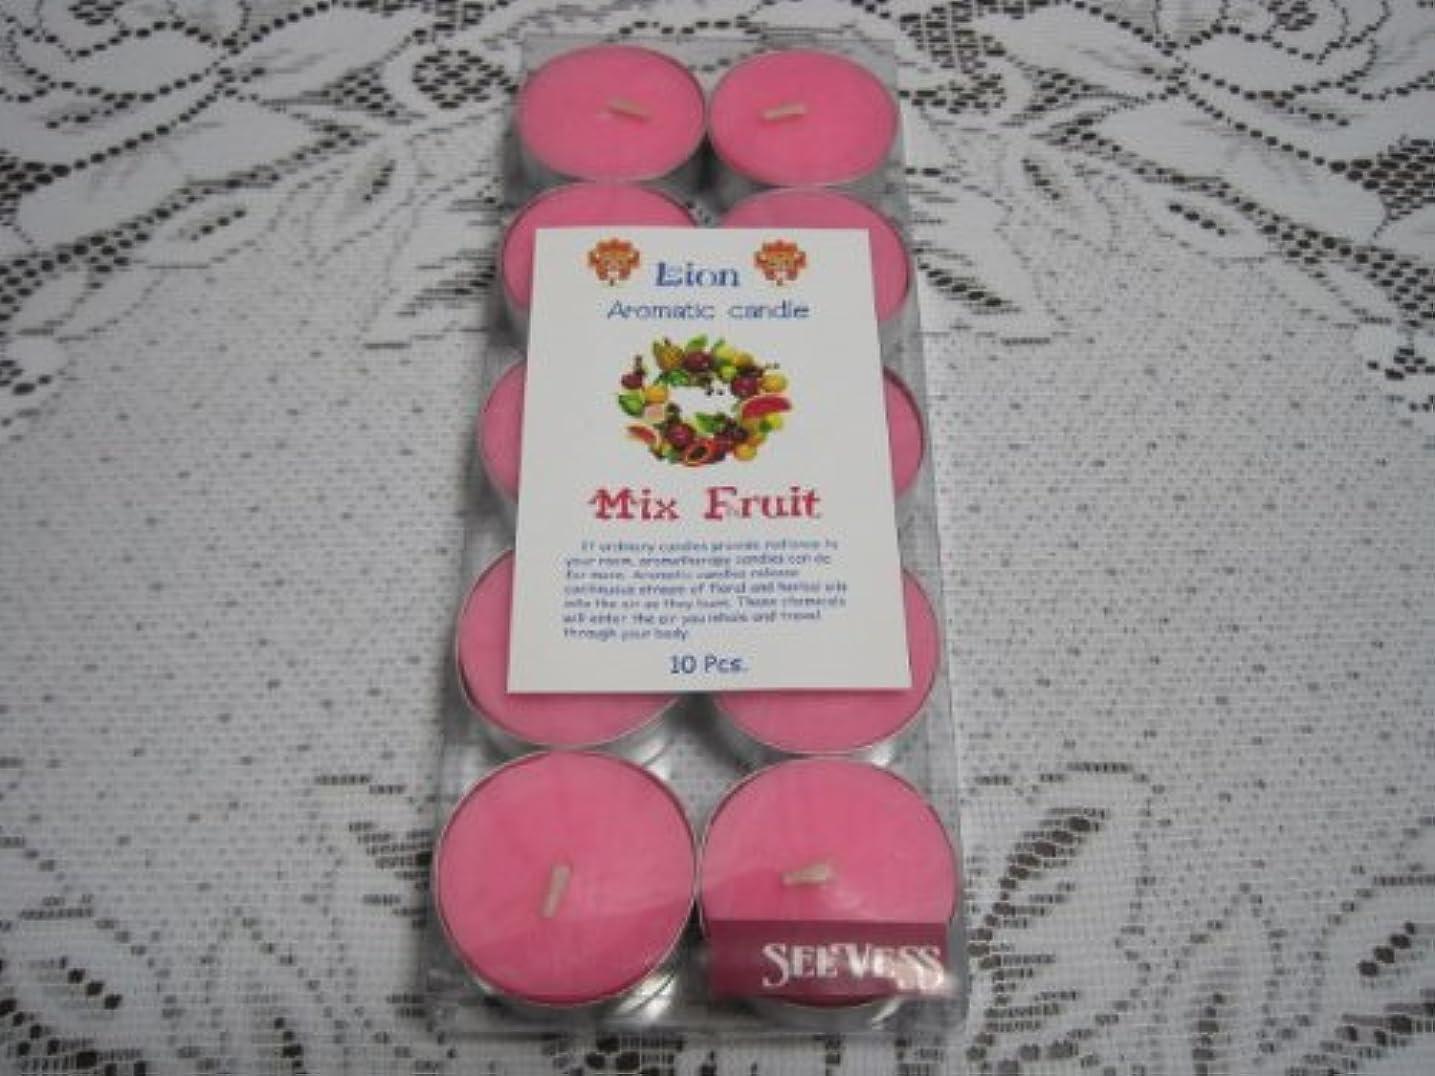 遺跡割る実質的????????????? -Mix Fruit- ???????? ??????????????? (郵(???)便配送240円!7筒まで同梱可!)